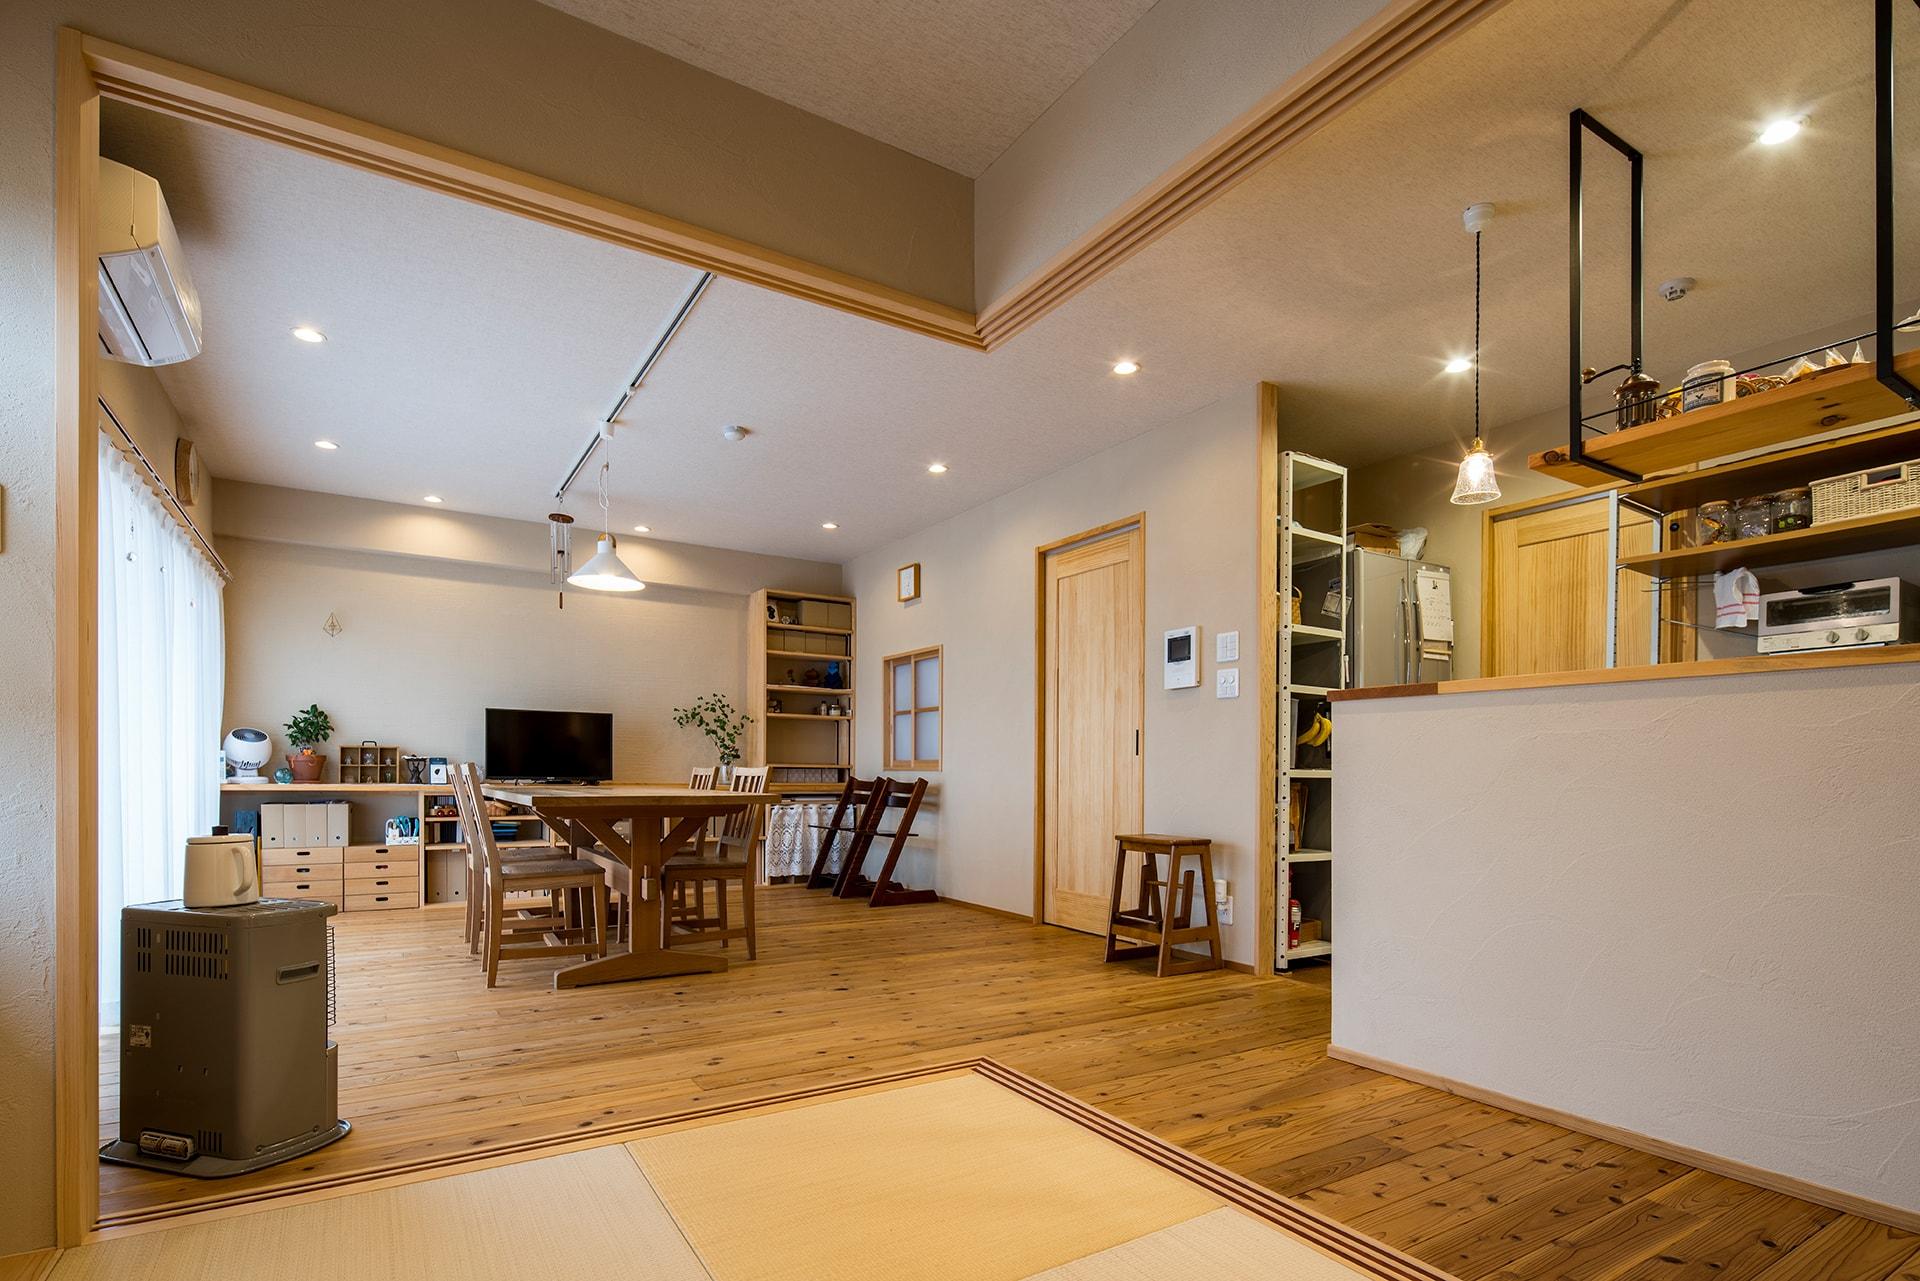 思い出のテーブルから眺望を楽しむ家 | こだわりの自然素材・天然素材の注文住宅・リノベーション(フルリフォーム)の駿河屋